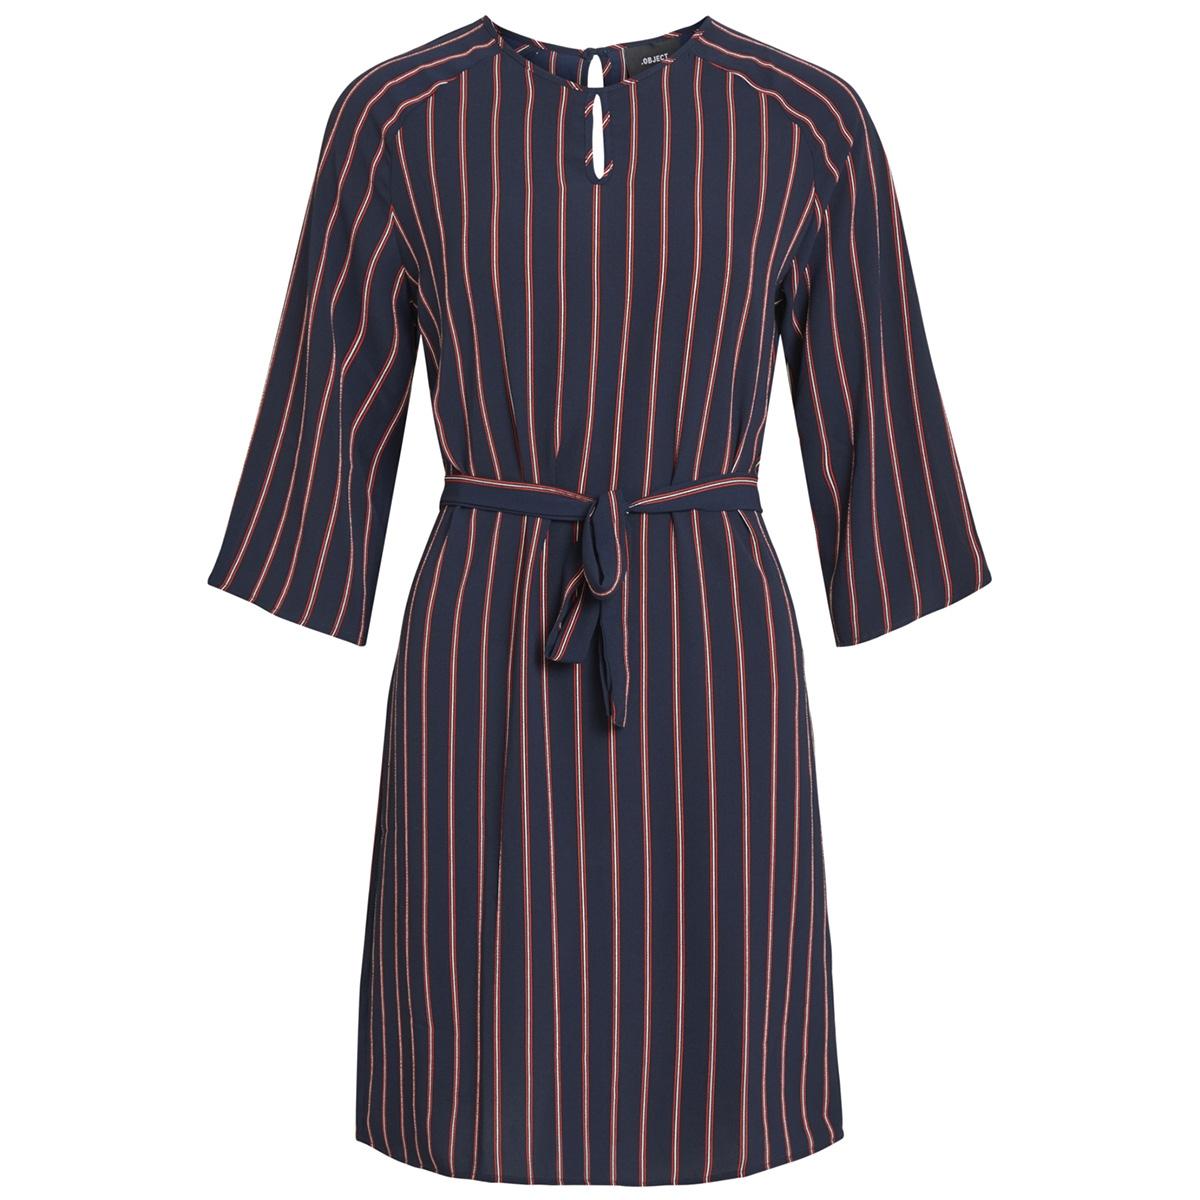 objleonie 3/4 dress i. 102 23028825 object jurk sky captain/striped